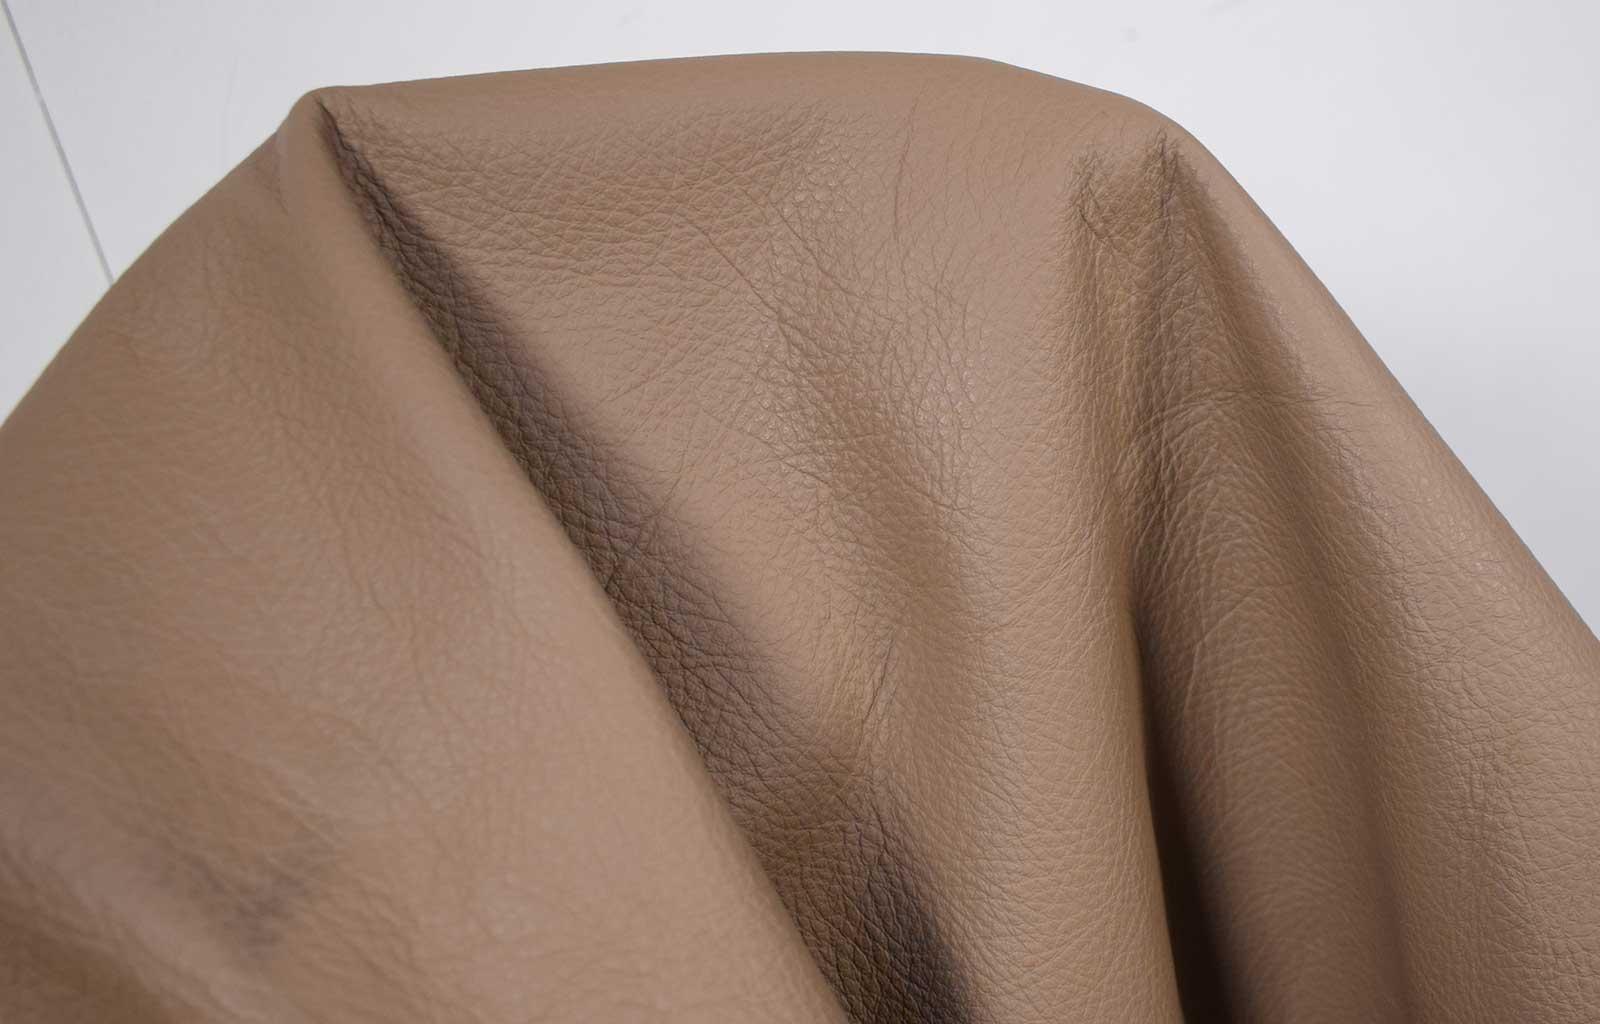 Rindsleder Nappa Autoleder espresso-braun 1,0-1,2 mm Lederstücke Leder #A35